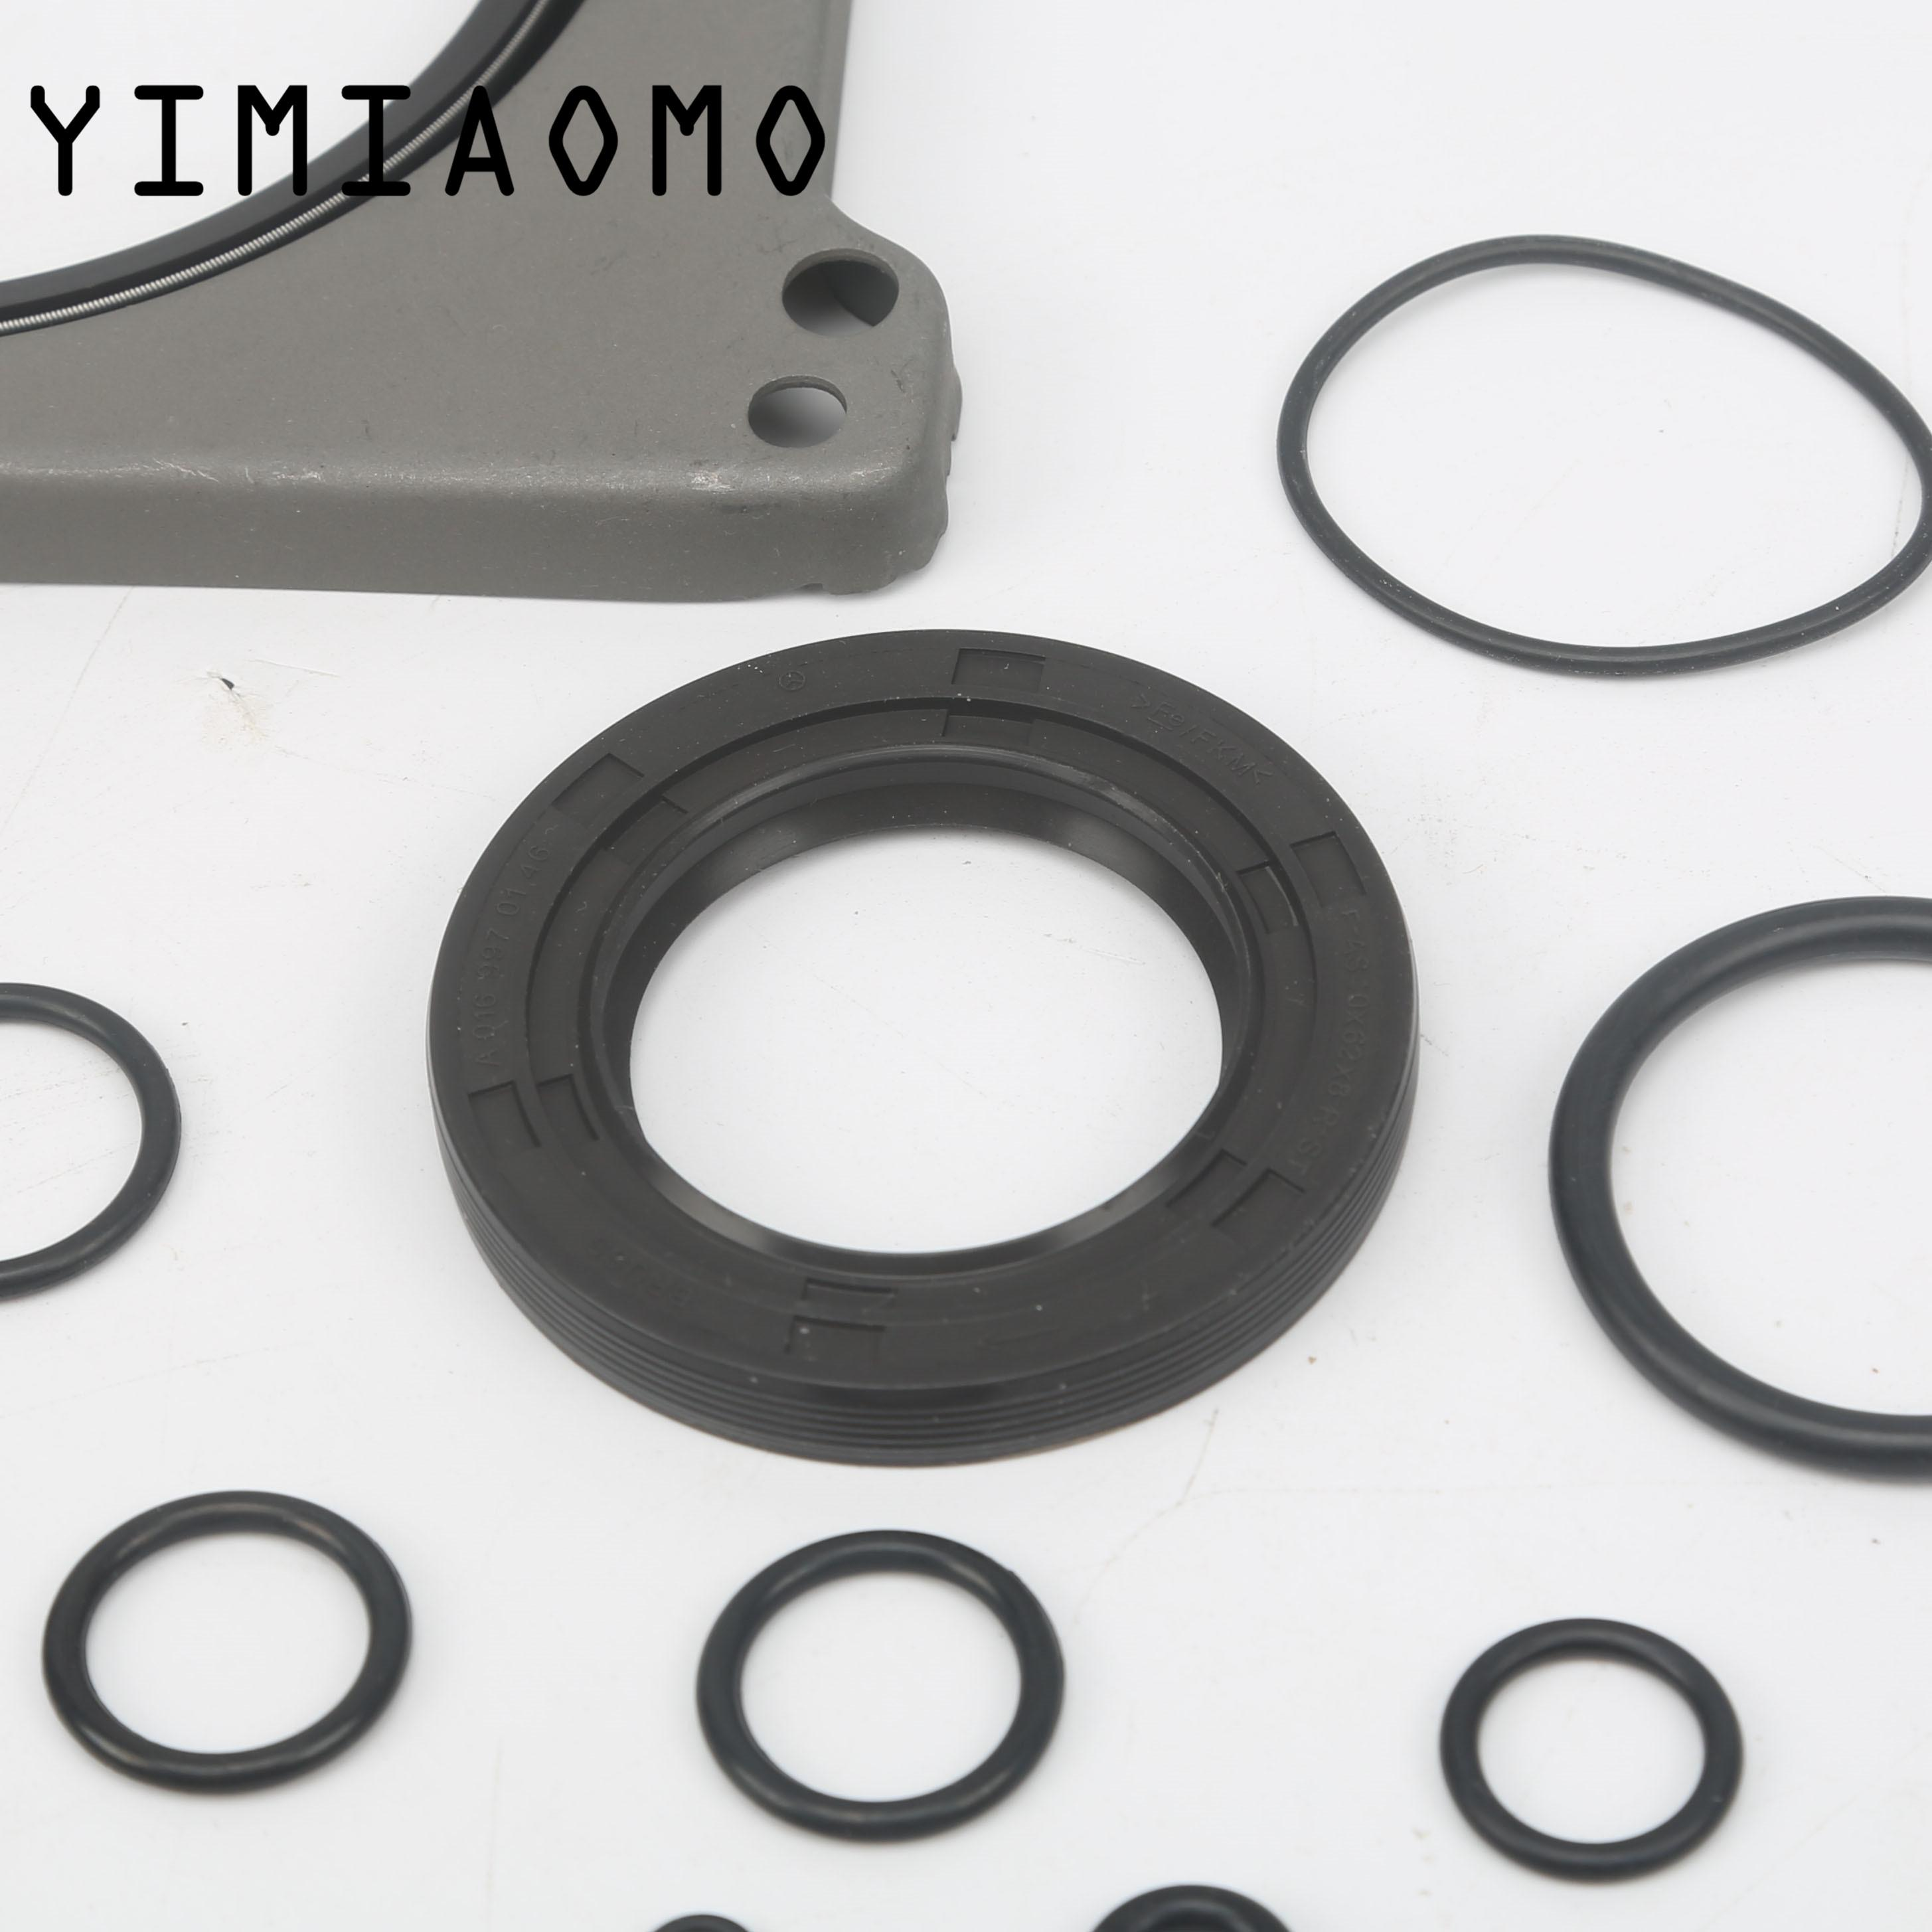 Купить с кэшбэком 2.0T Engine Cylinder Head Gasket For Mercedes-Benz C250 C300 C350e W205 E250 E260 W212 GLC 260 GLC300 X253 C253 V250 2740162000